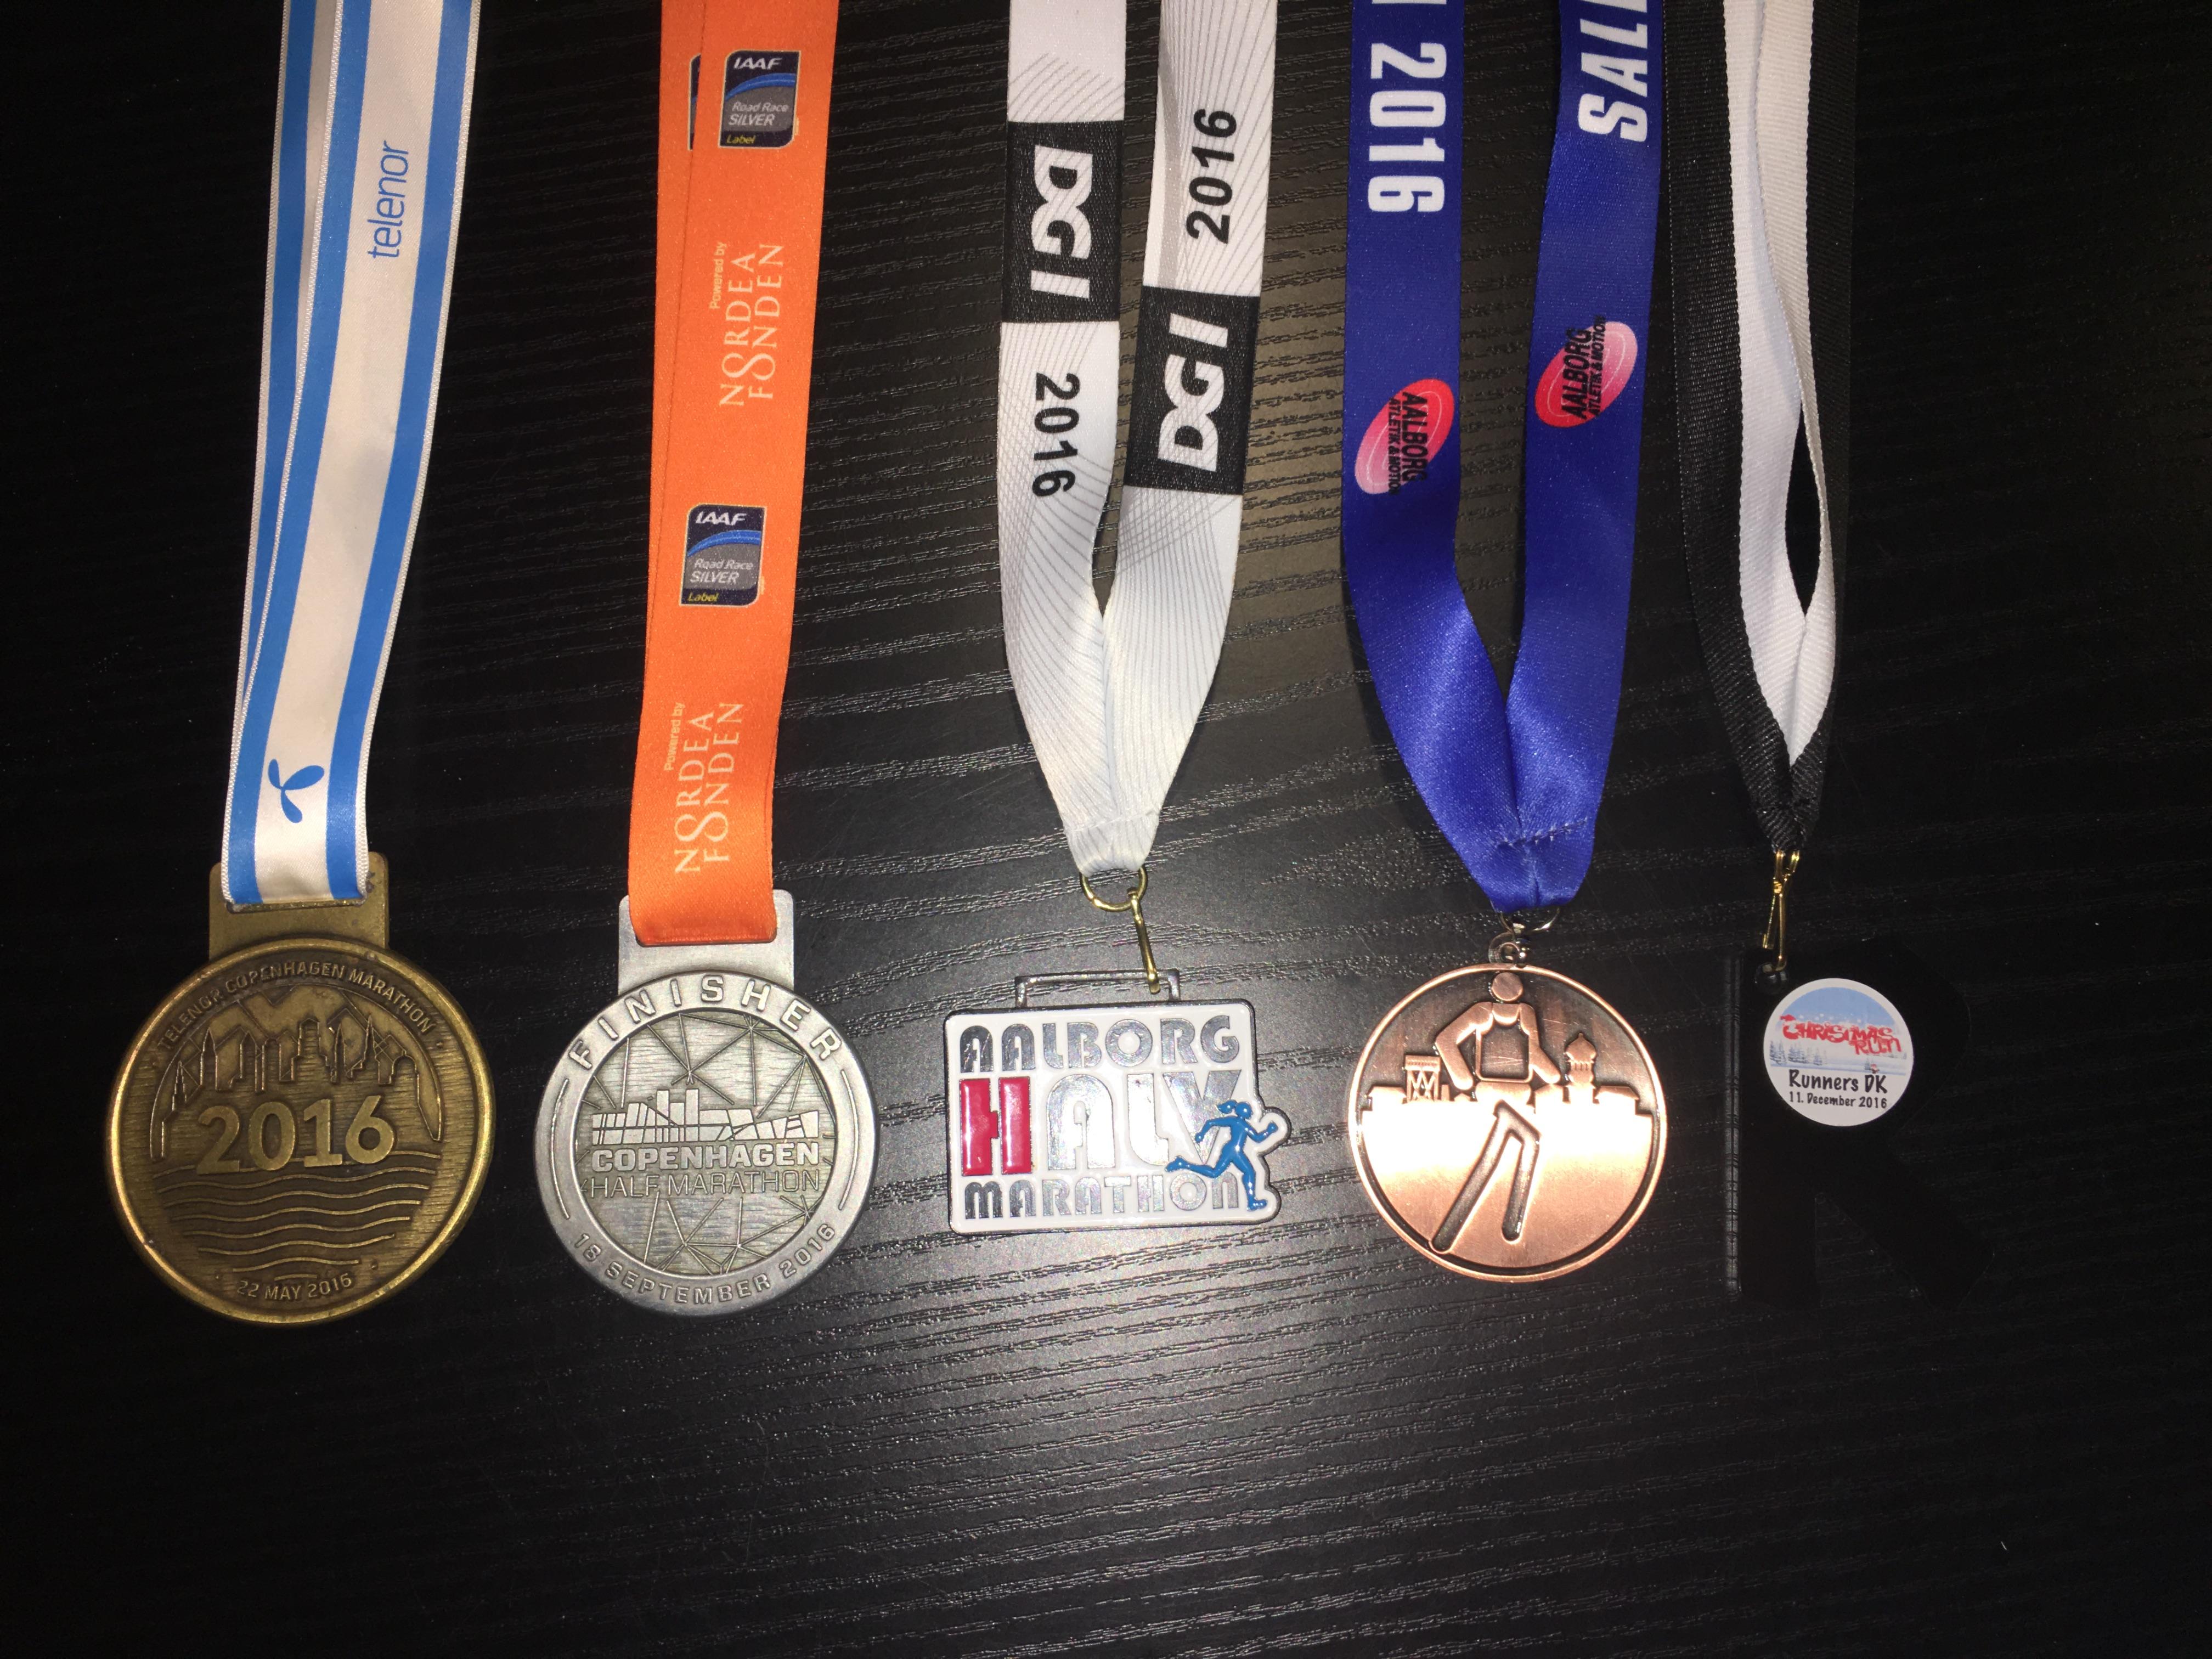 Alle fem løb medaljerne repræsenterer har budt på fantastiske oplevelser på hver sin måde!